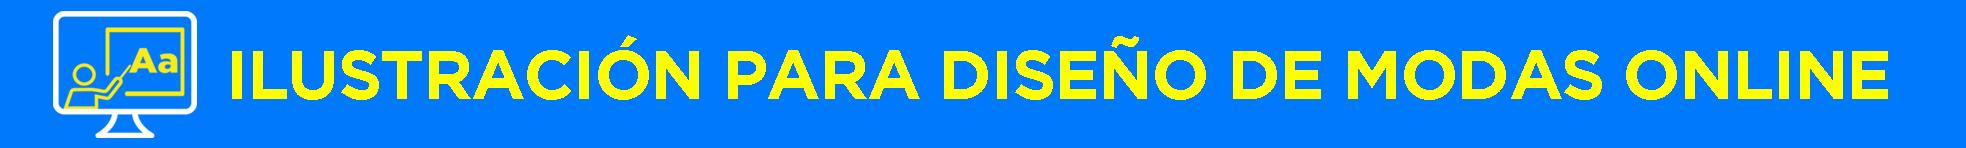 Banner título Modas Online